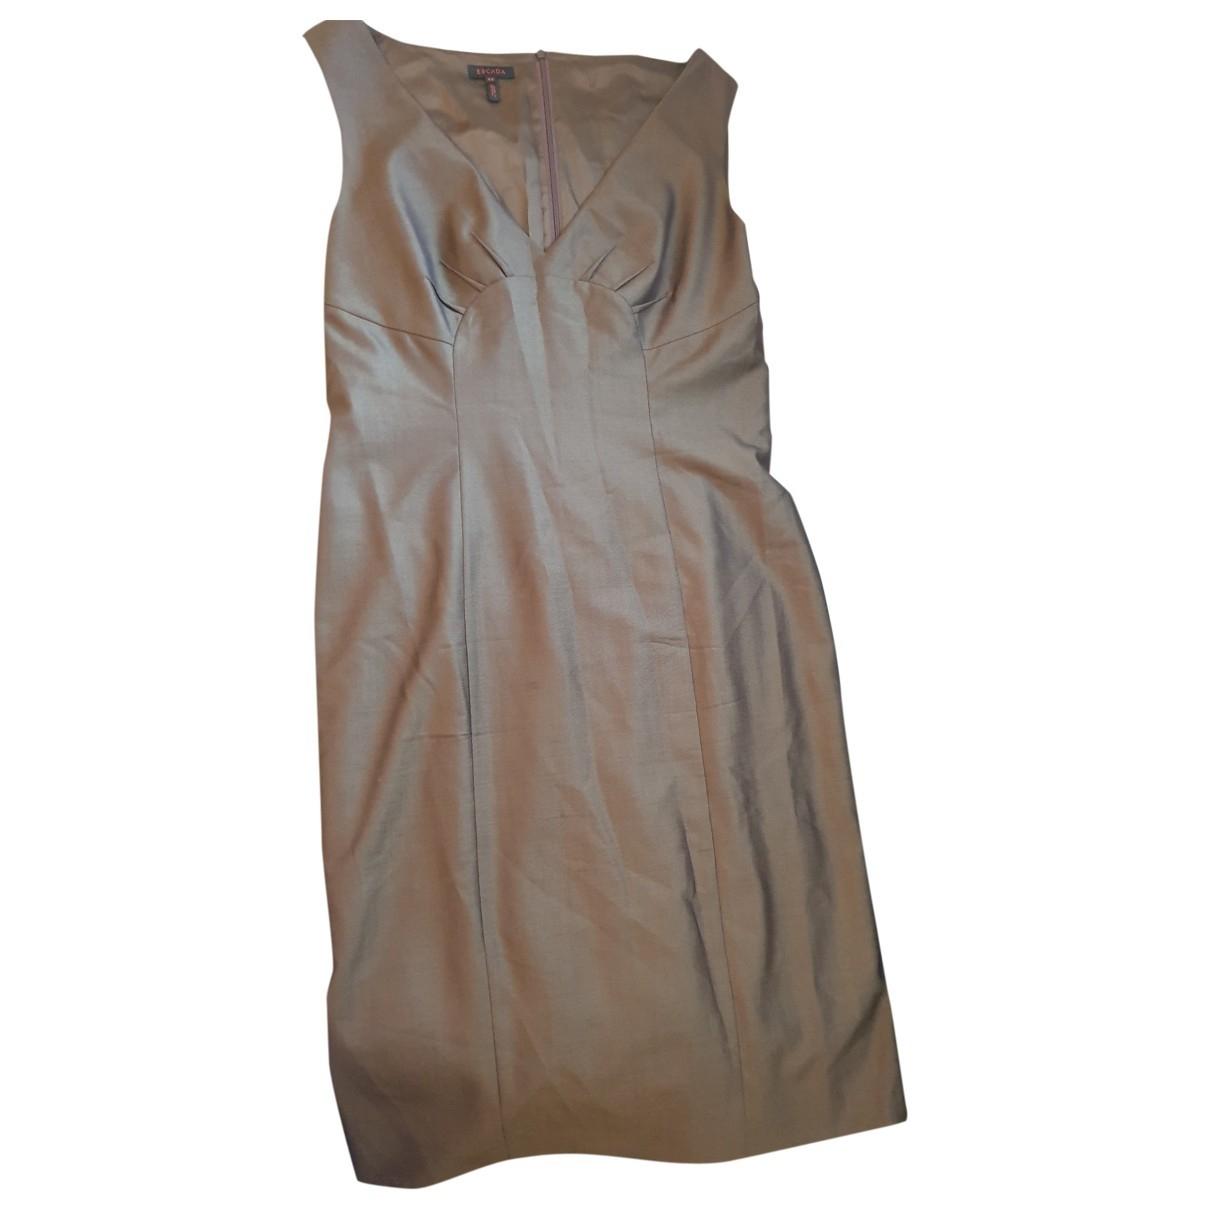 Escada \N Kleid in  Beige Wolle